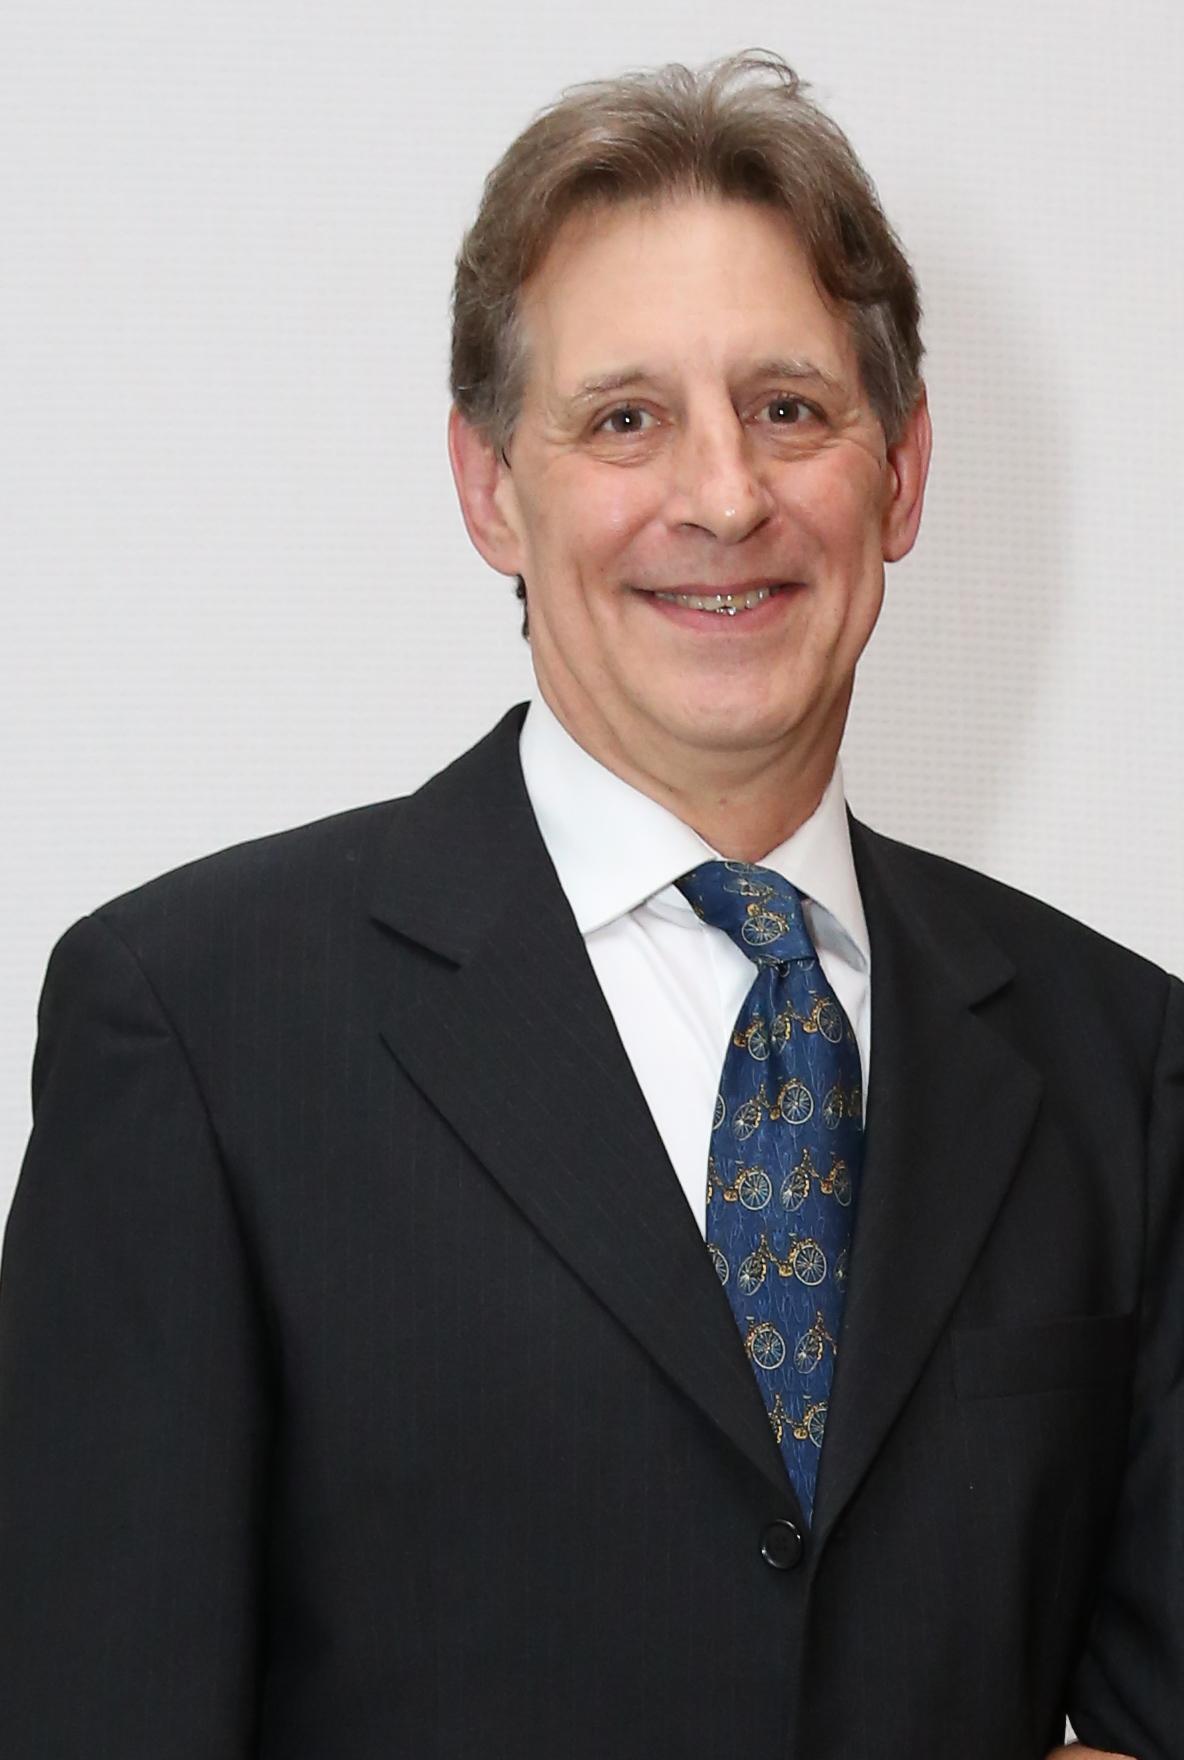 William Andrew Presada